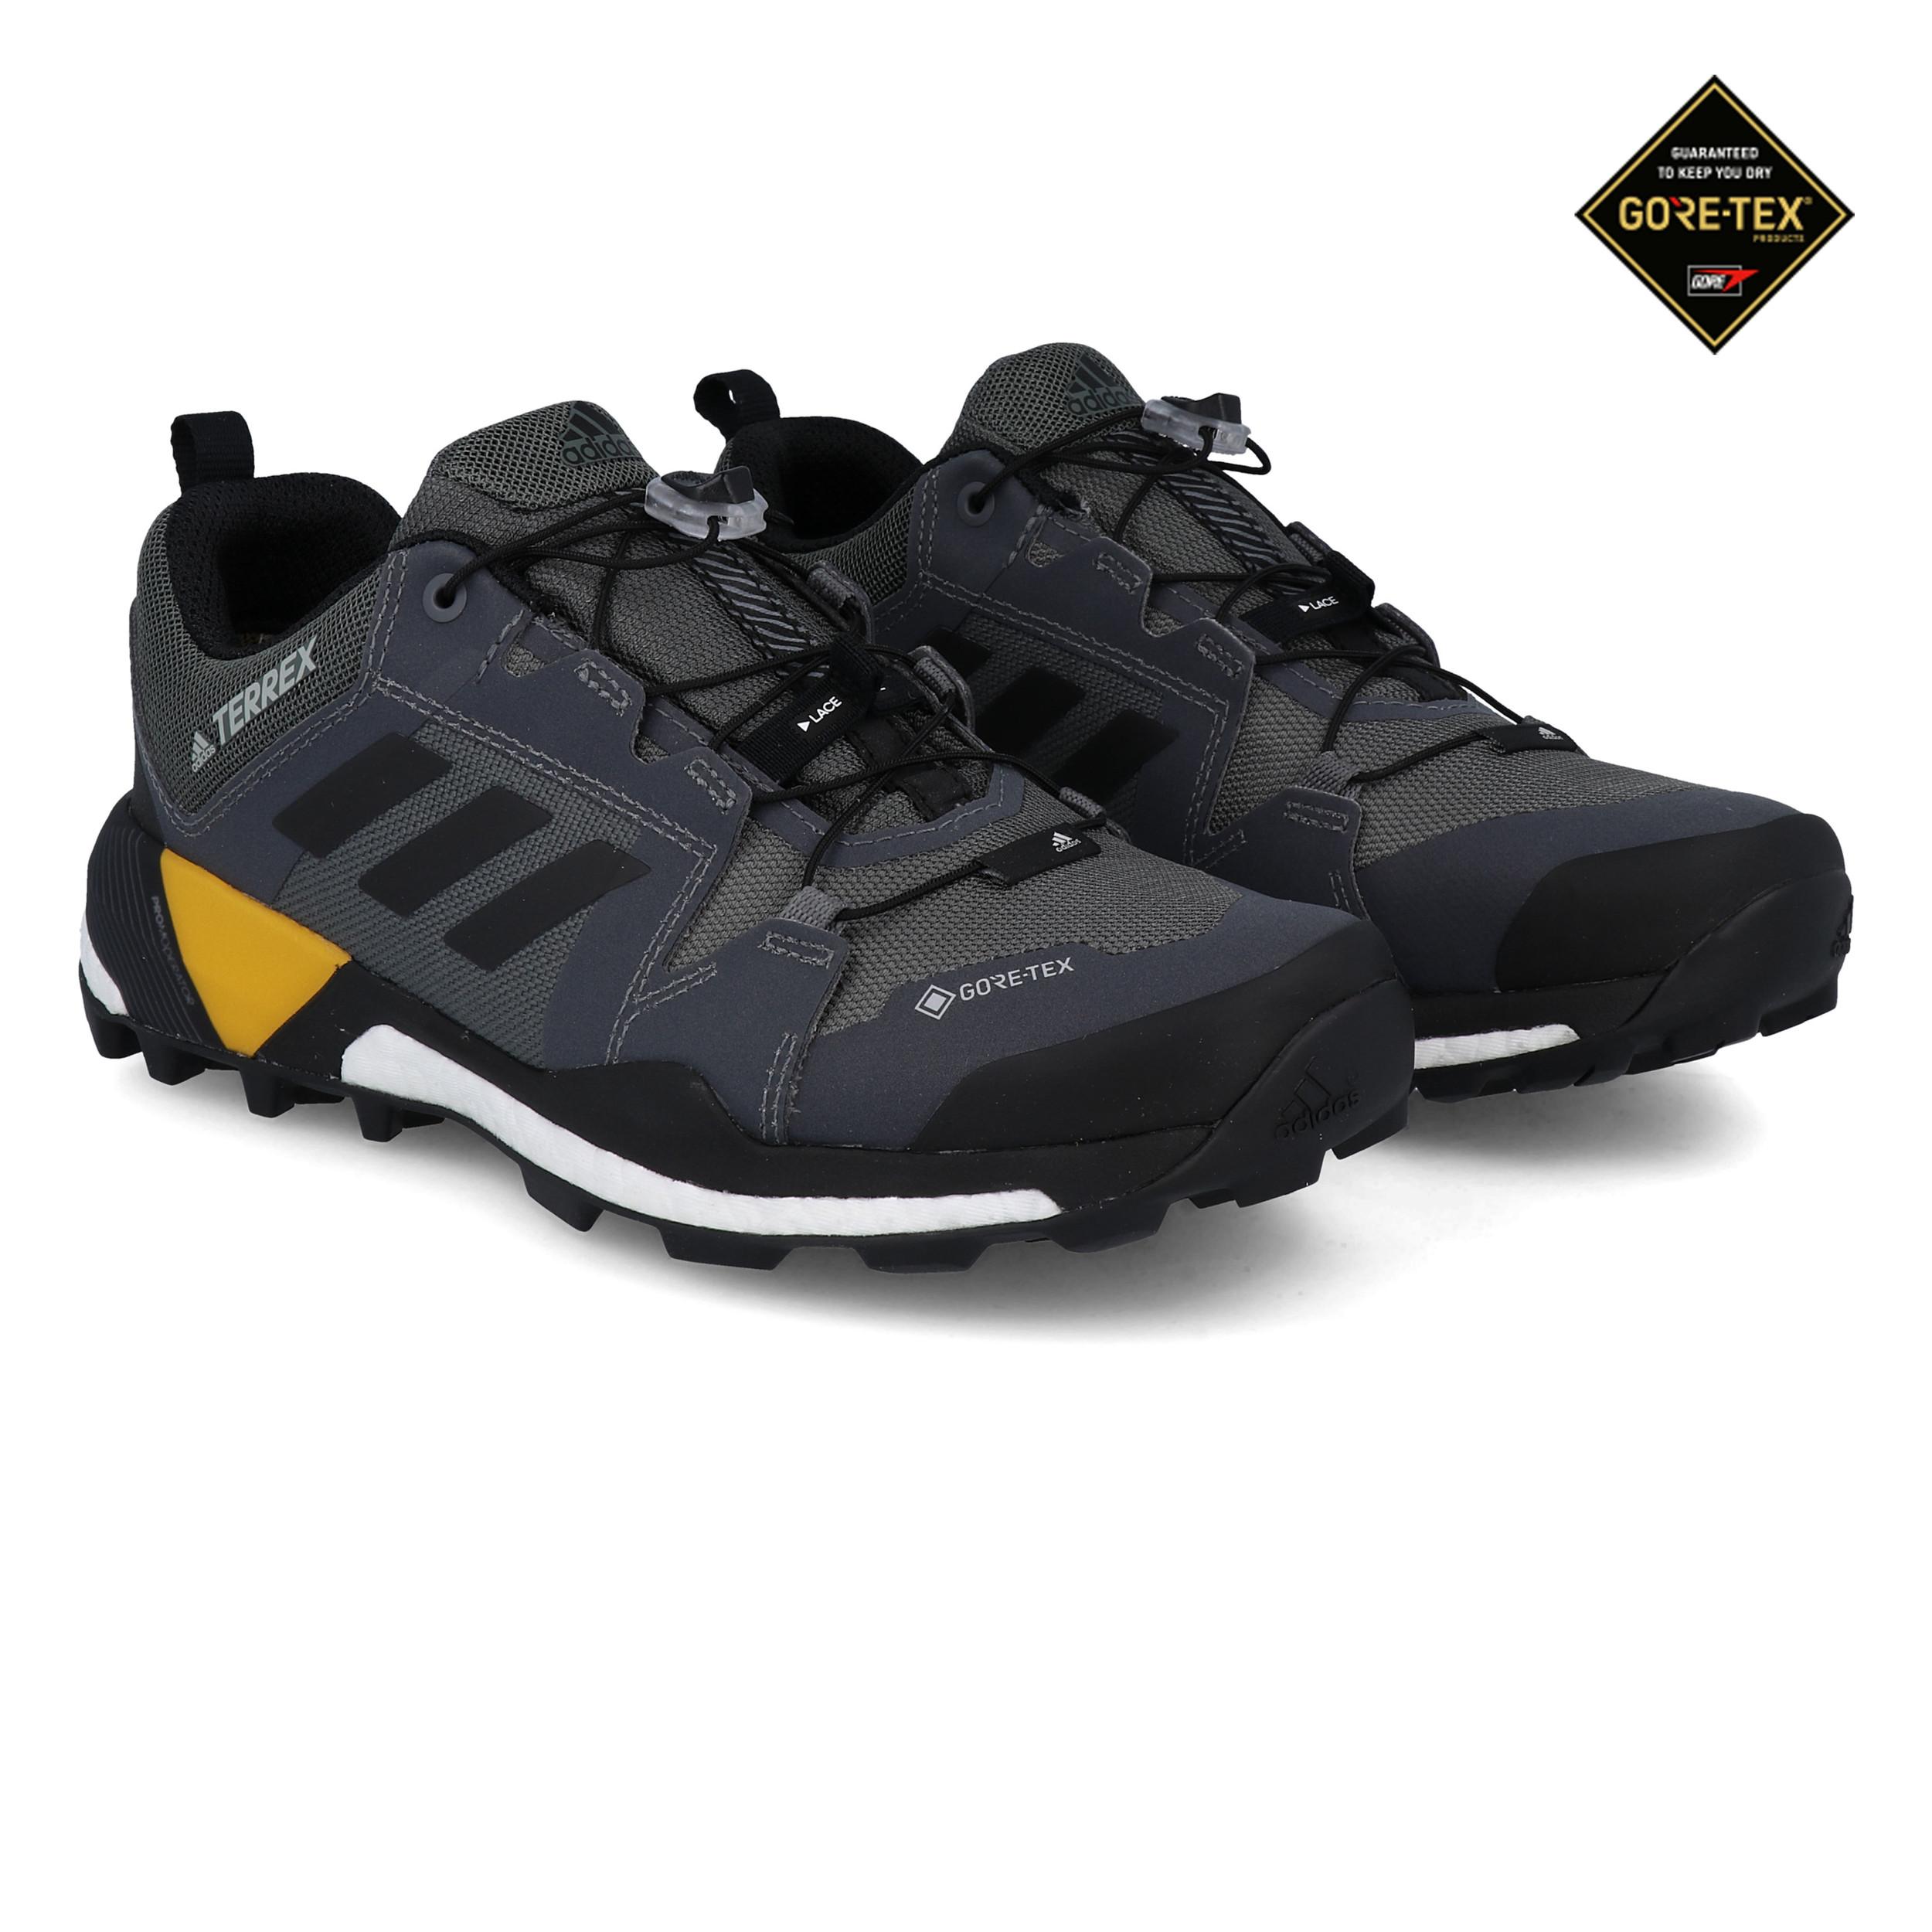 Adidas Homme Terrex Skychaser XT GORE TEX Trail Running